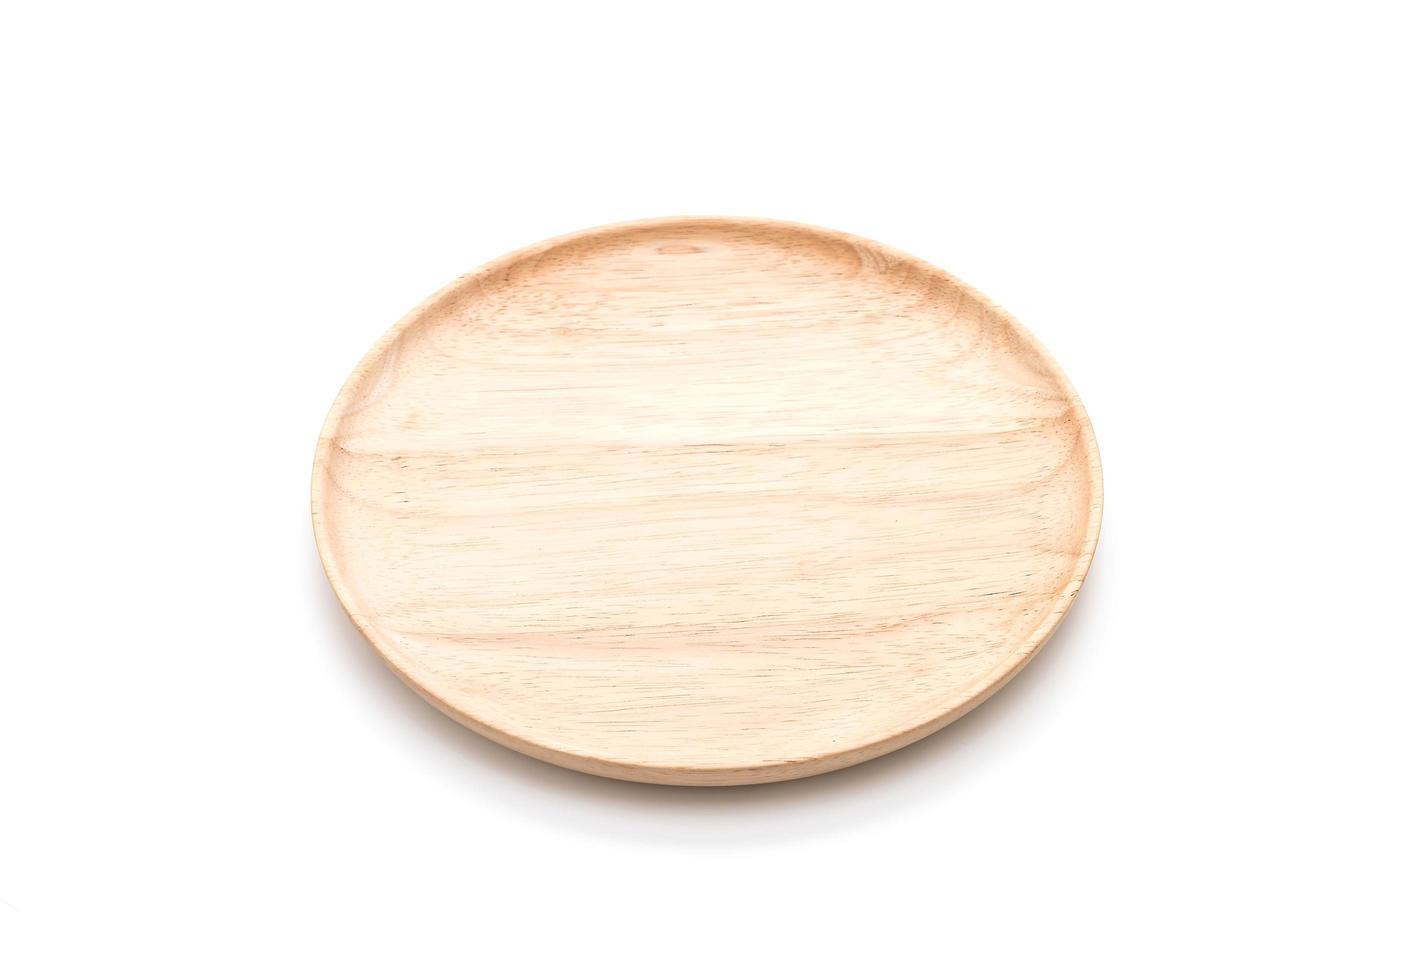 trädbevuxen platta på vit bakgrund foto